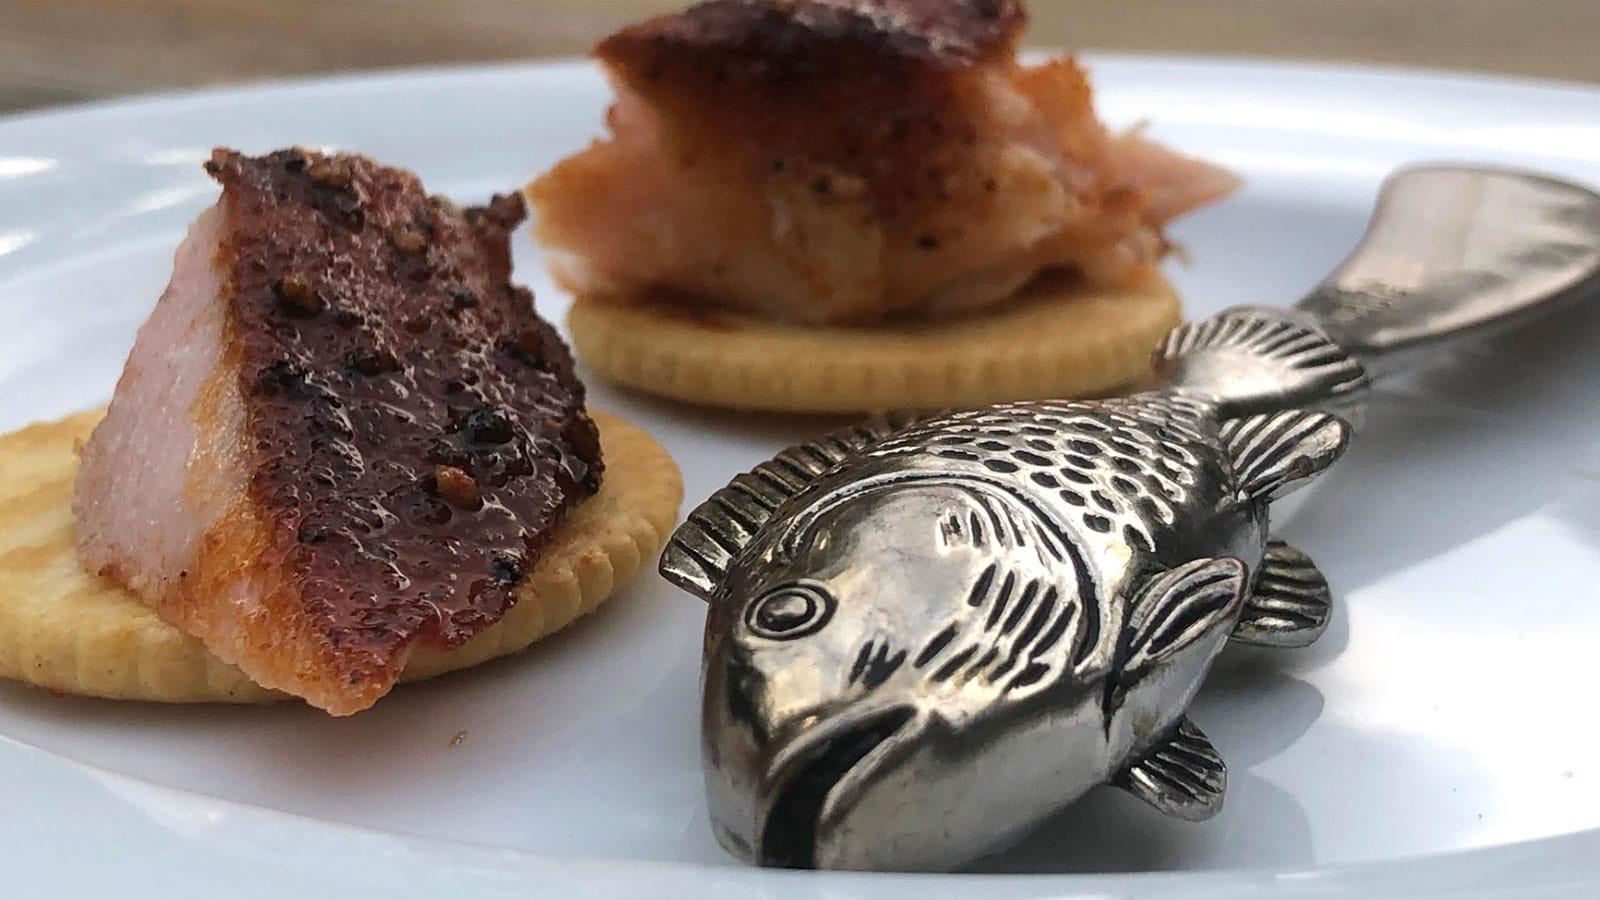 WannaRub Smoked Salmon